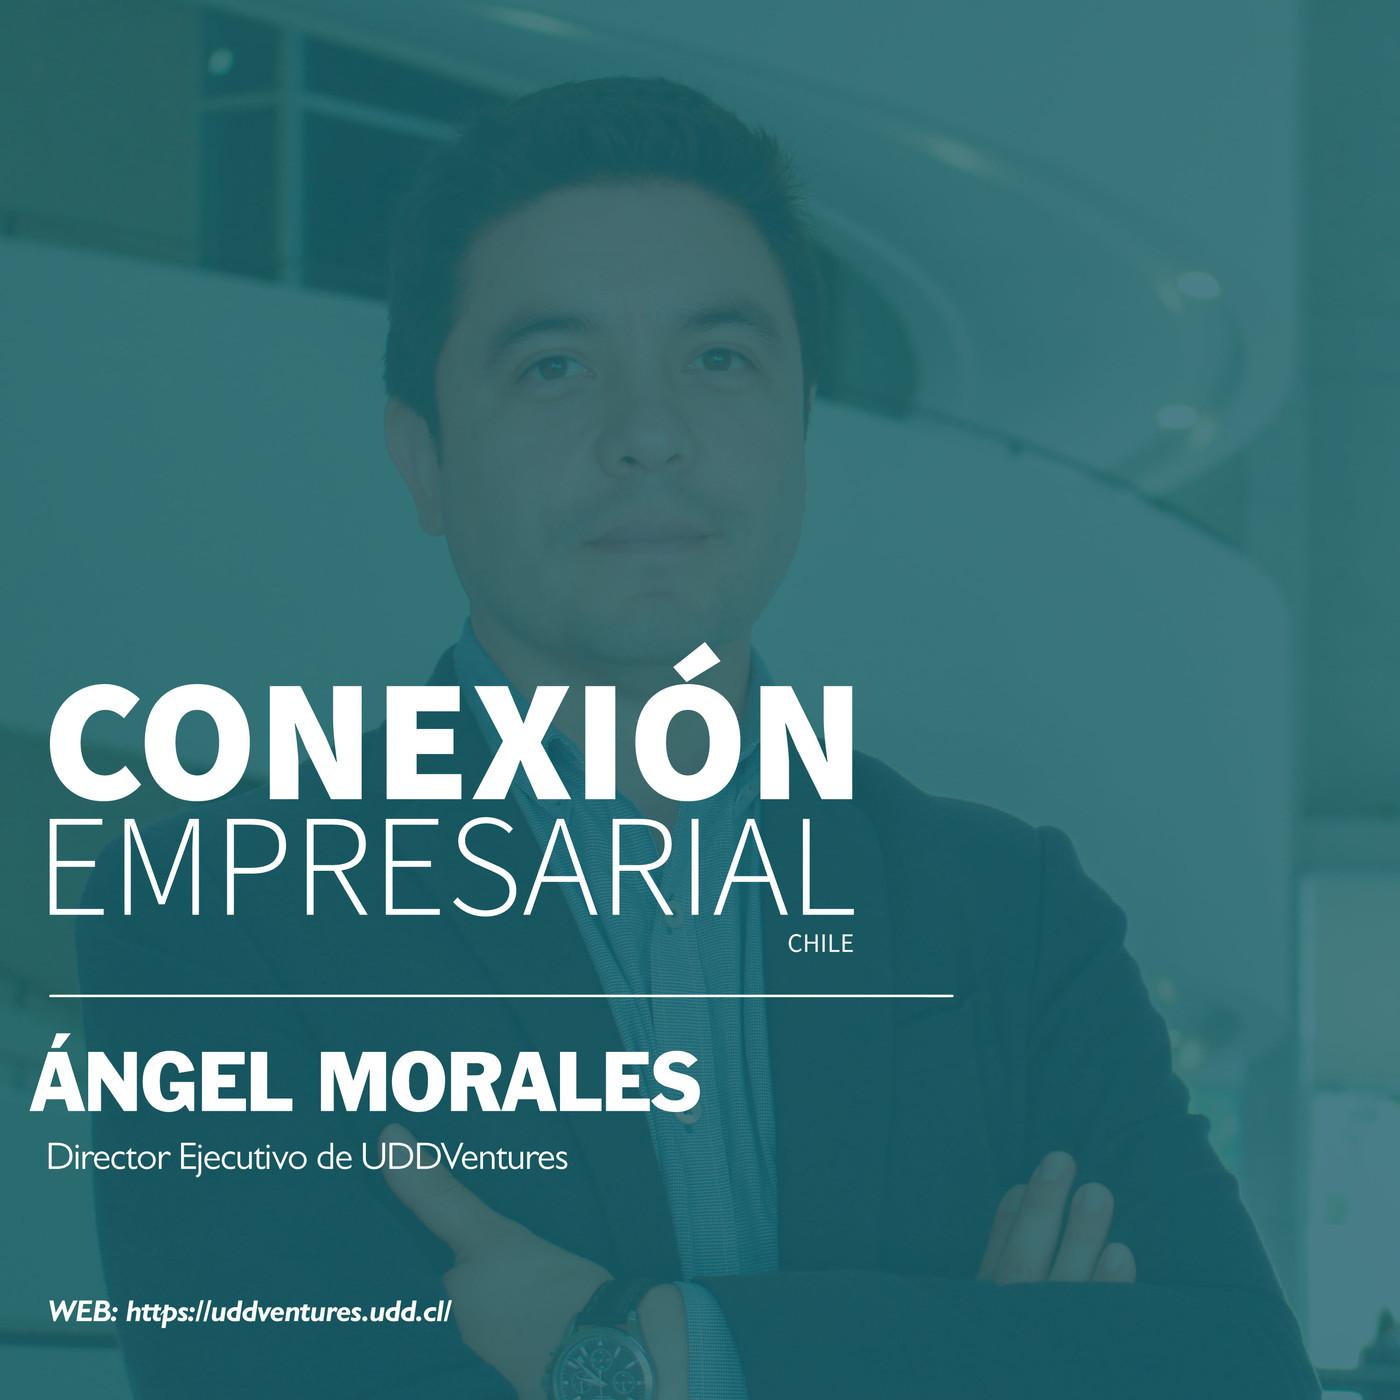 Entrevista: Ángel Morales de UDDVentures. Martes 20 de octubre 2020.